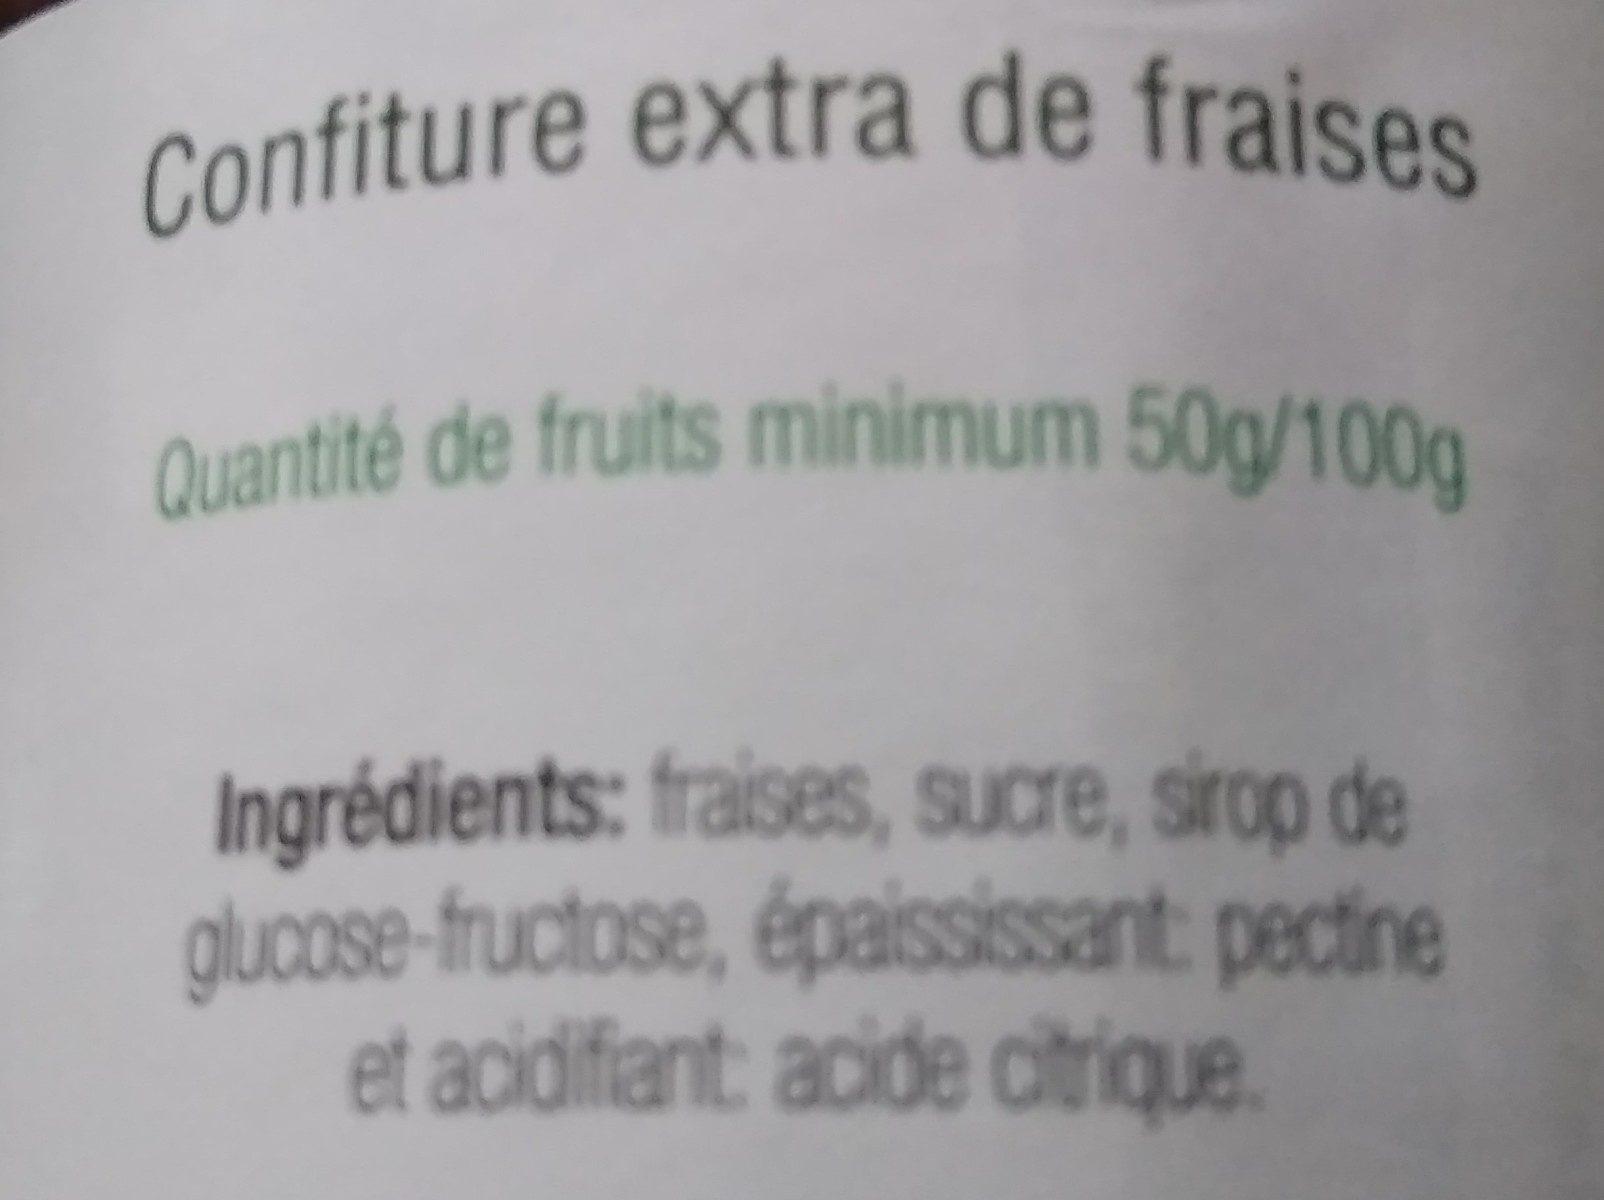 Confiture extra de fraises - Ingrédients - fr